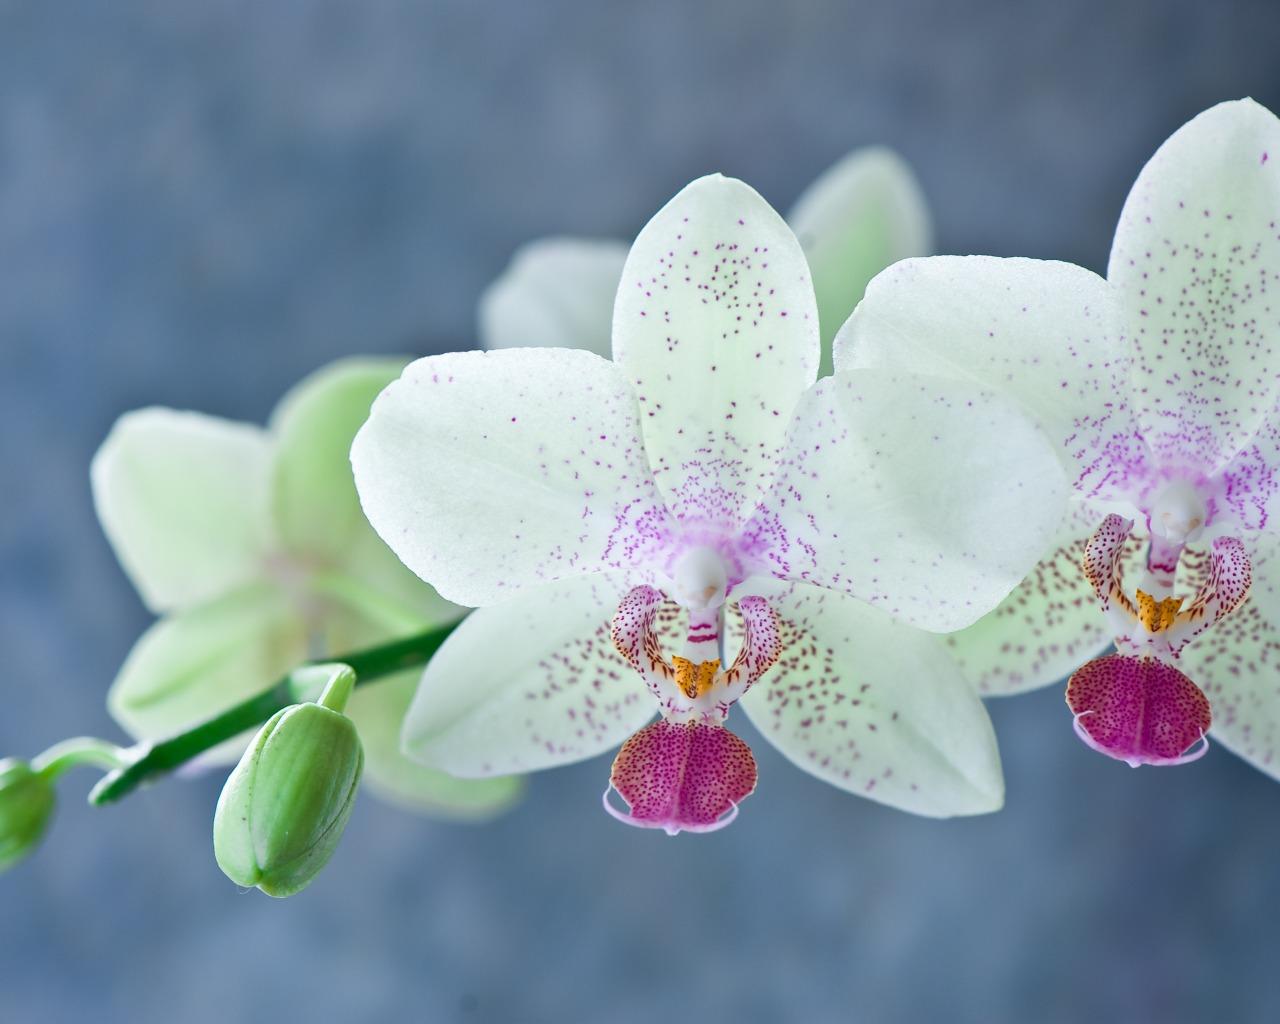 аромат орхидея фаленопсисобои для айфон 5с найти ароматы которые